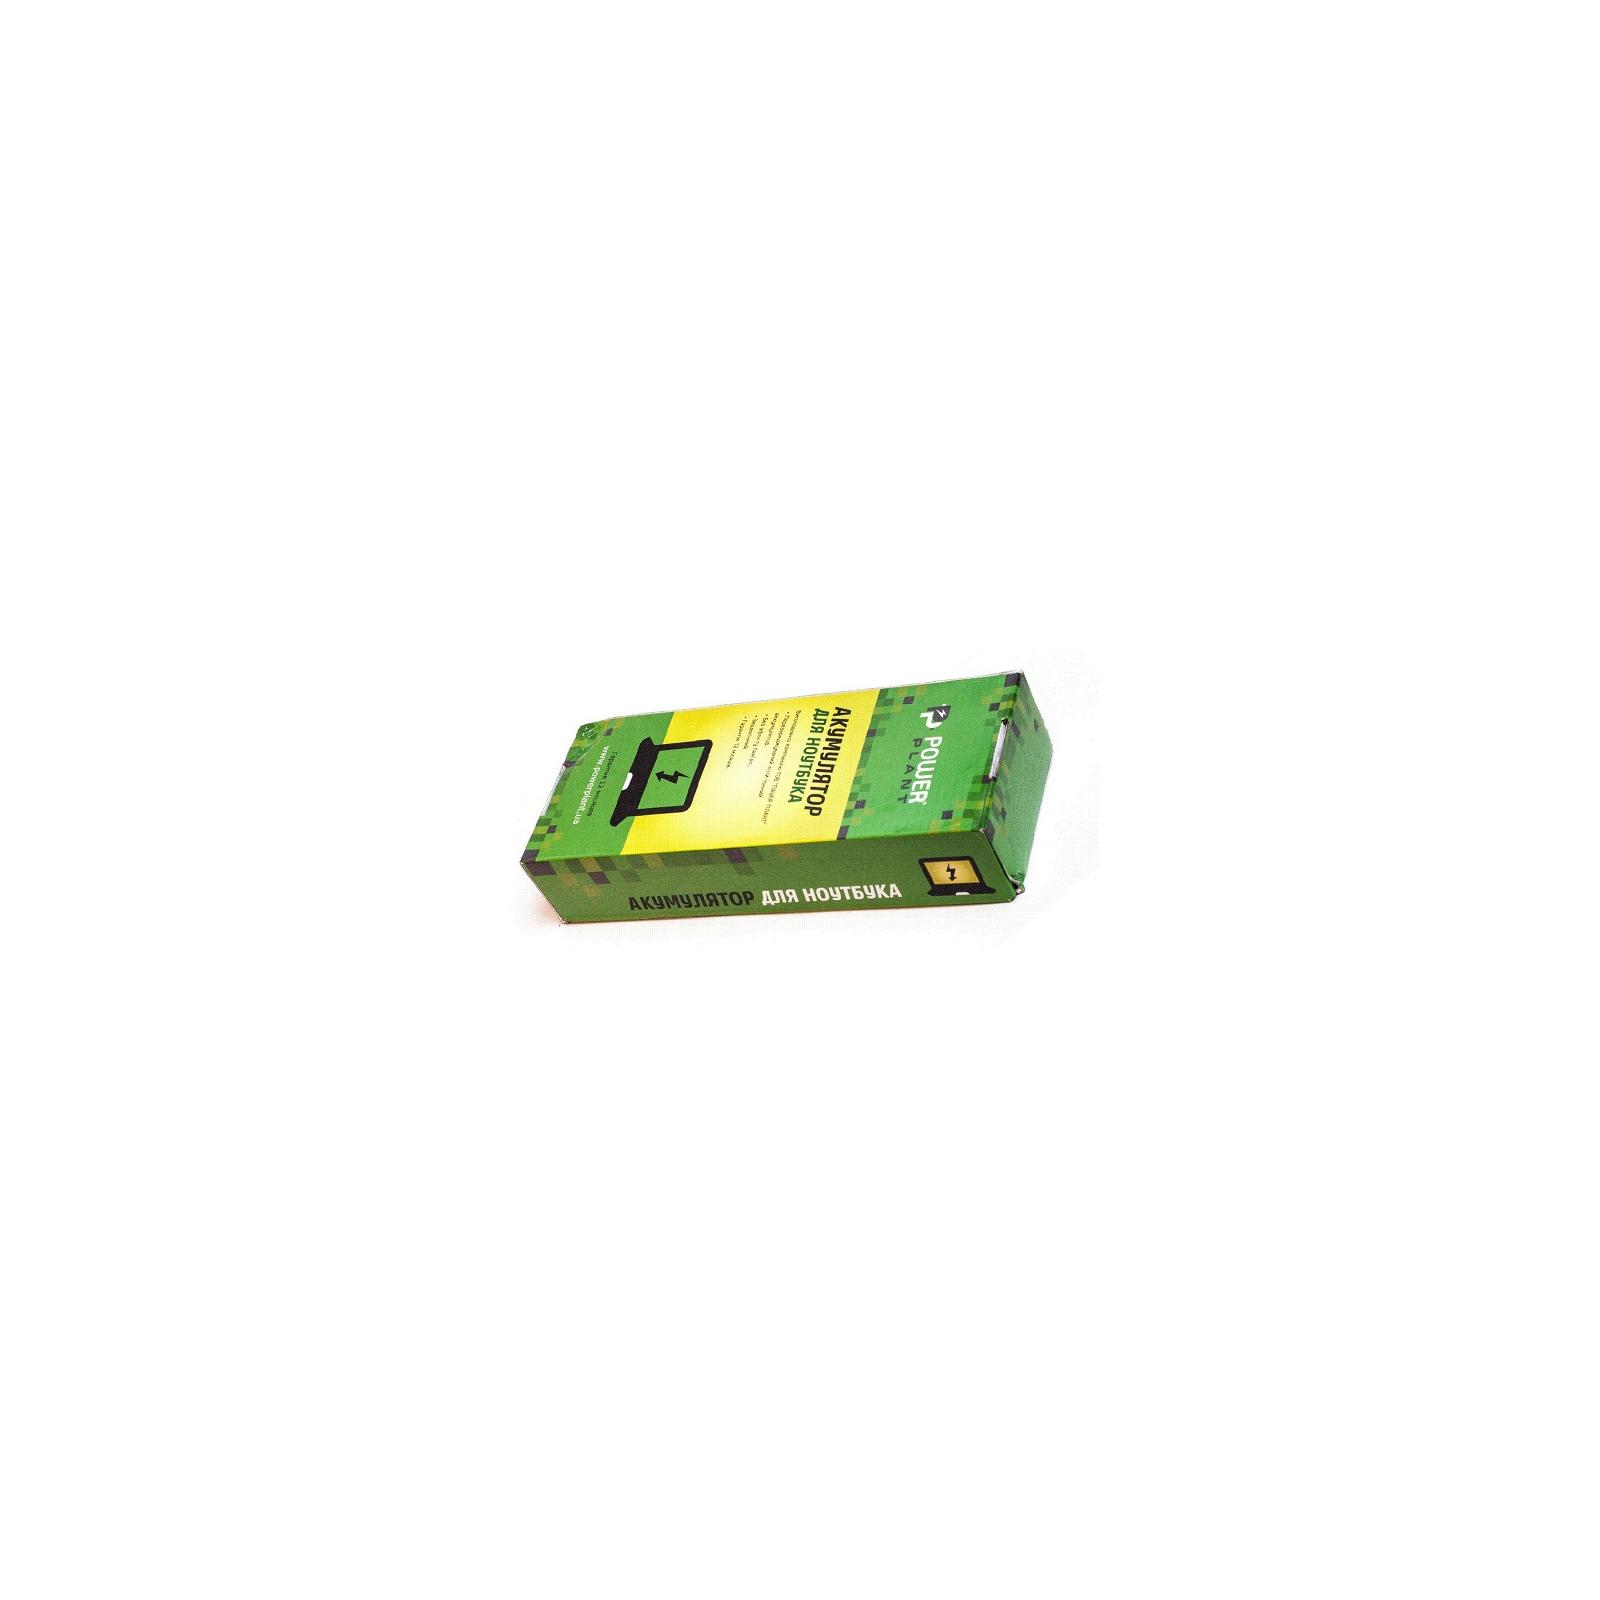 Аккумулятор для ноутбука ASUS A72 A73 (A32-K72) 10.8V 5200mAh PowerPlant (NB00000016) изображение 3